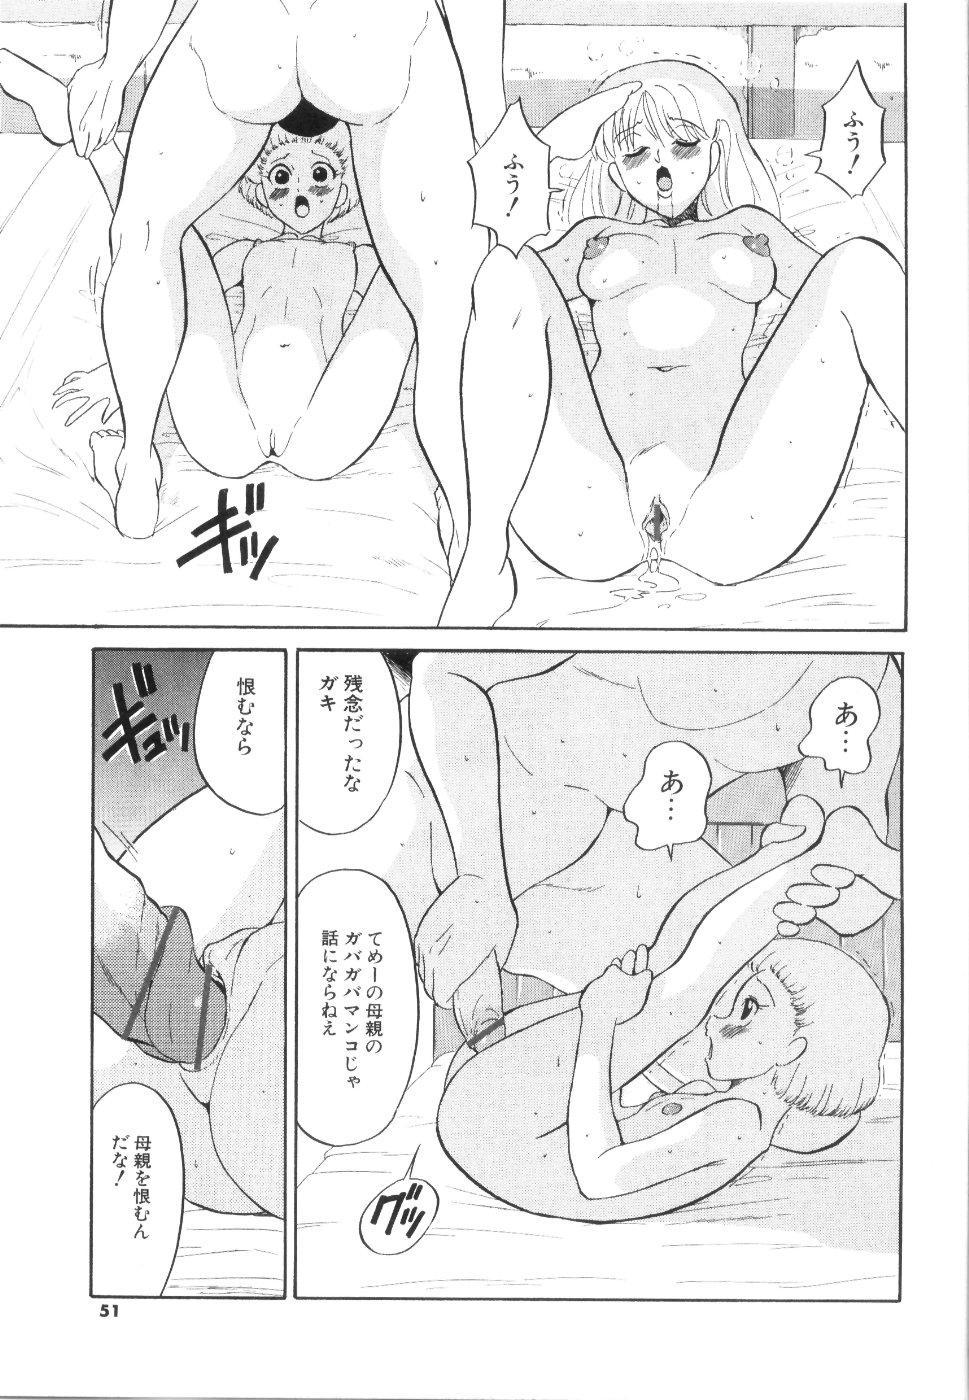 [Dozamura] Doguu -Dozamura Guuwa- Kuro 51